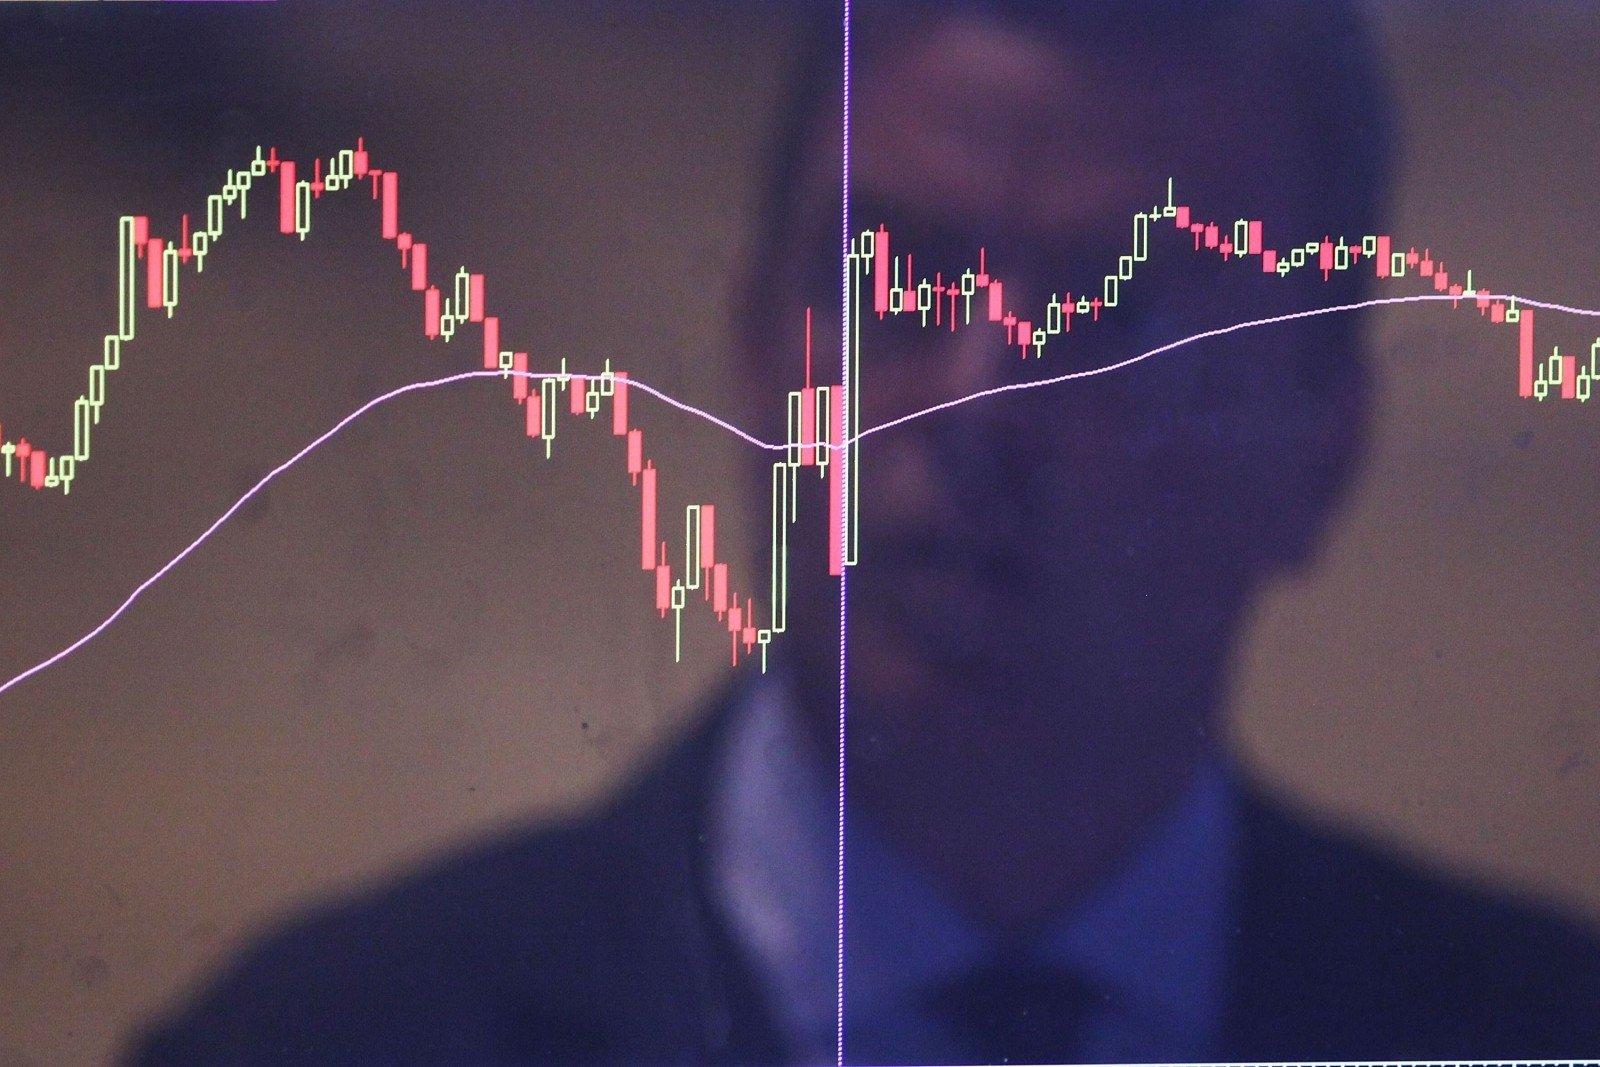 jav akcijų prekybos